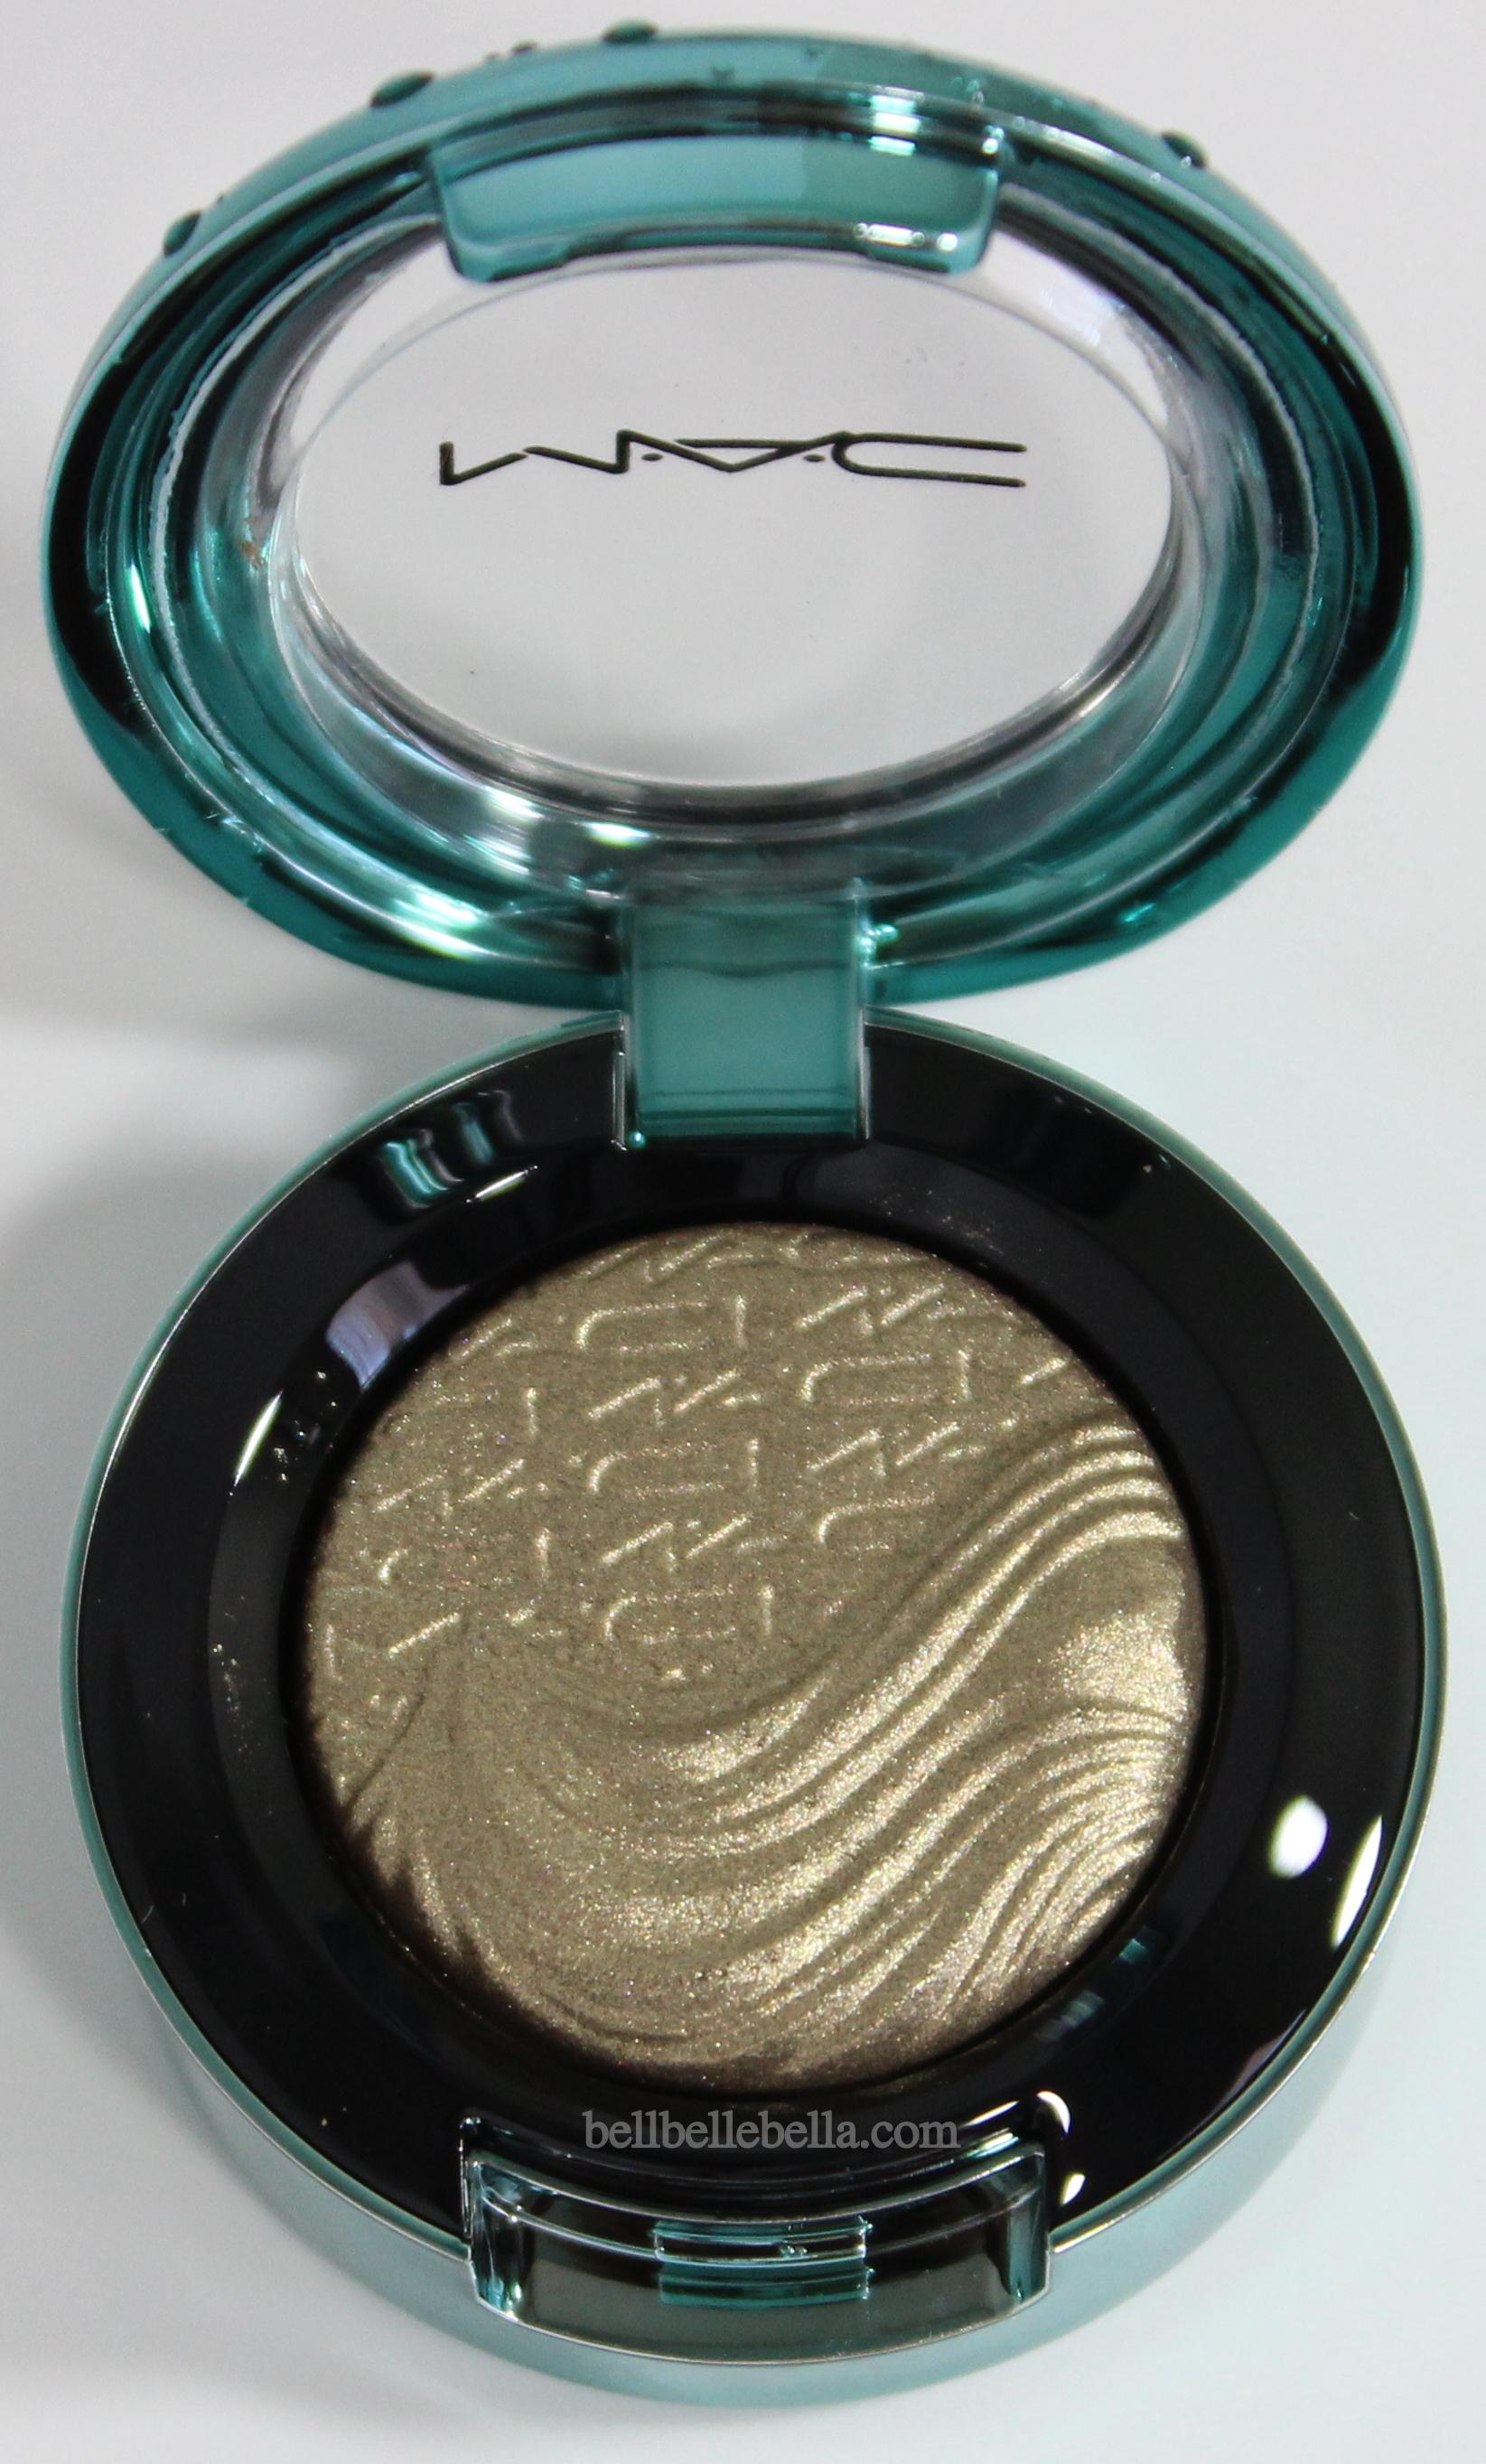 MAC Cosmetics Alluring Aquatic Collection Review